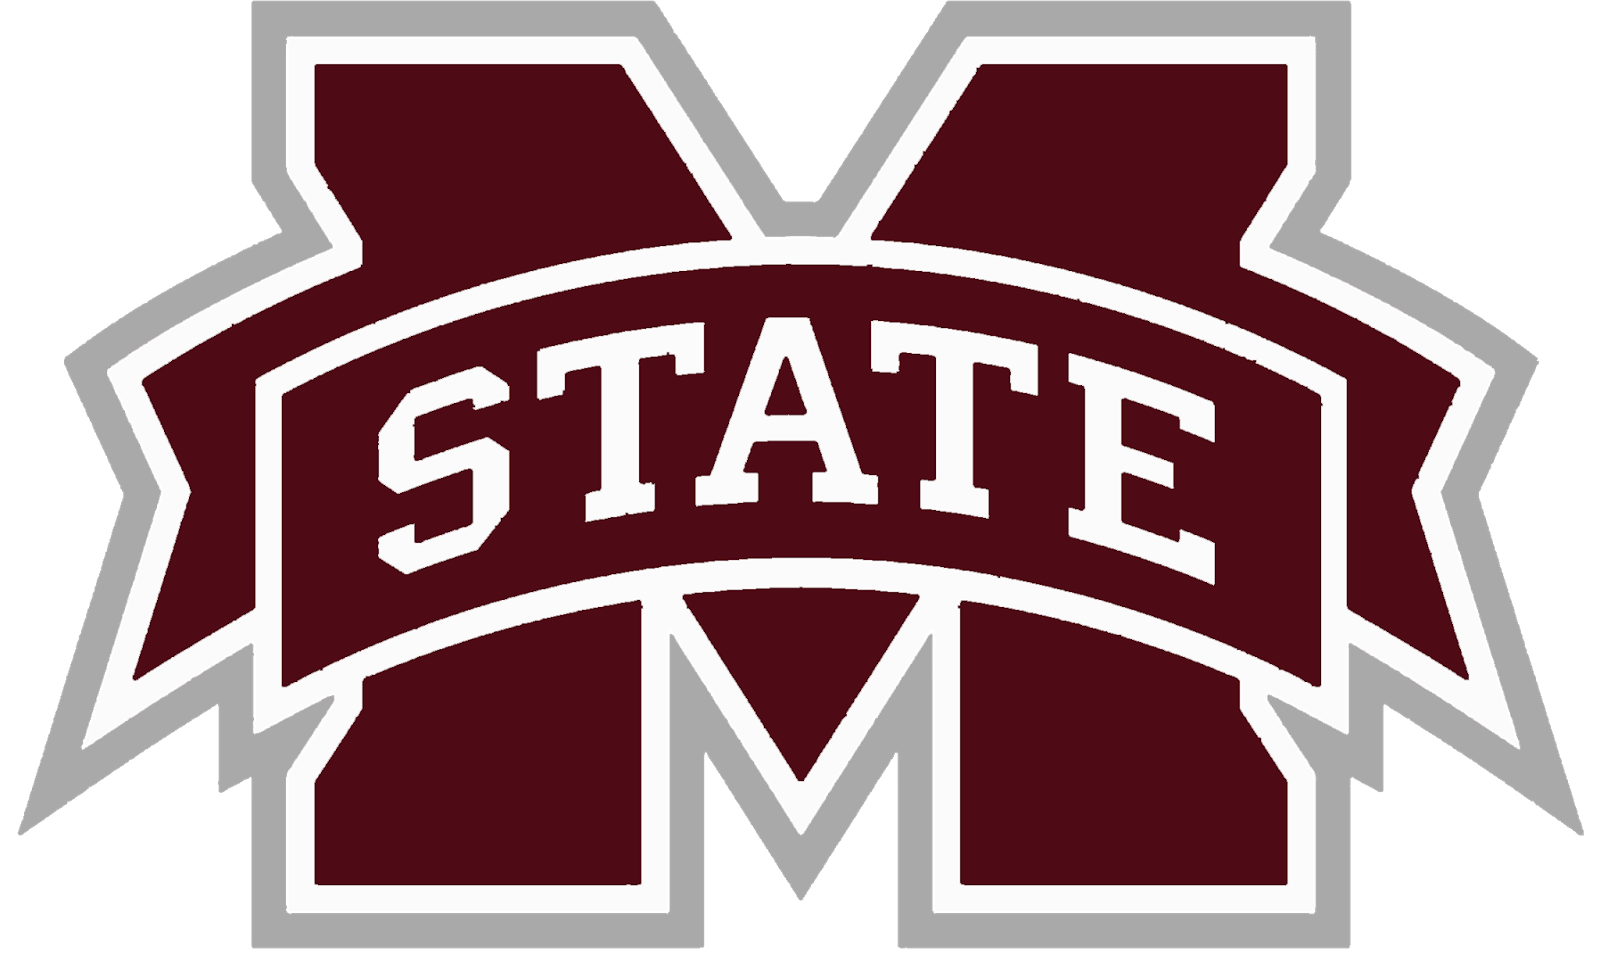 Mississippi state Logos.